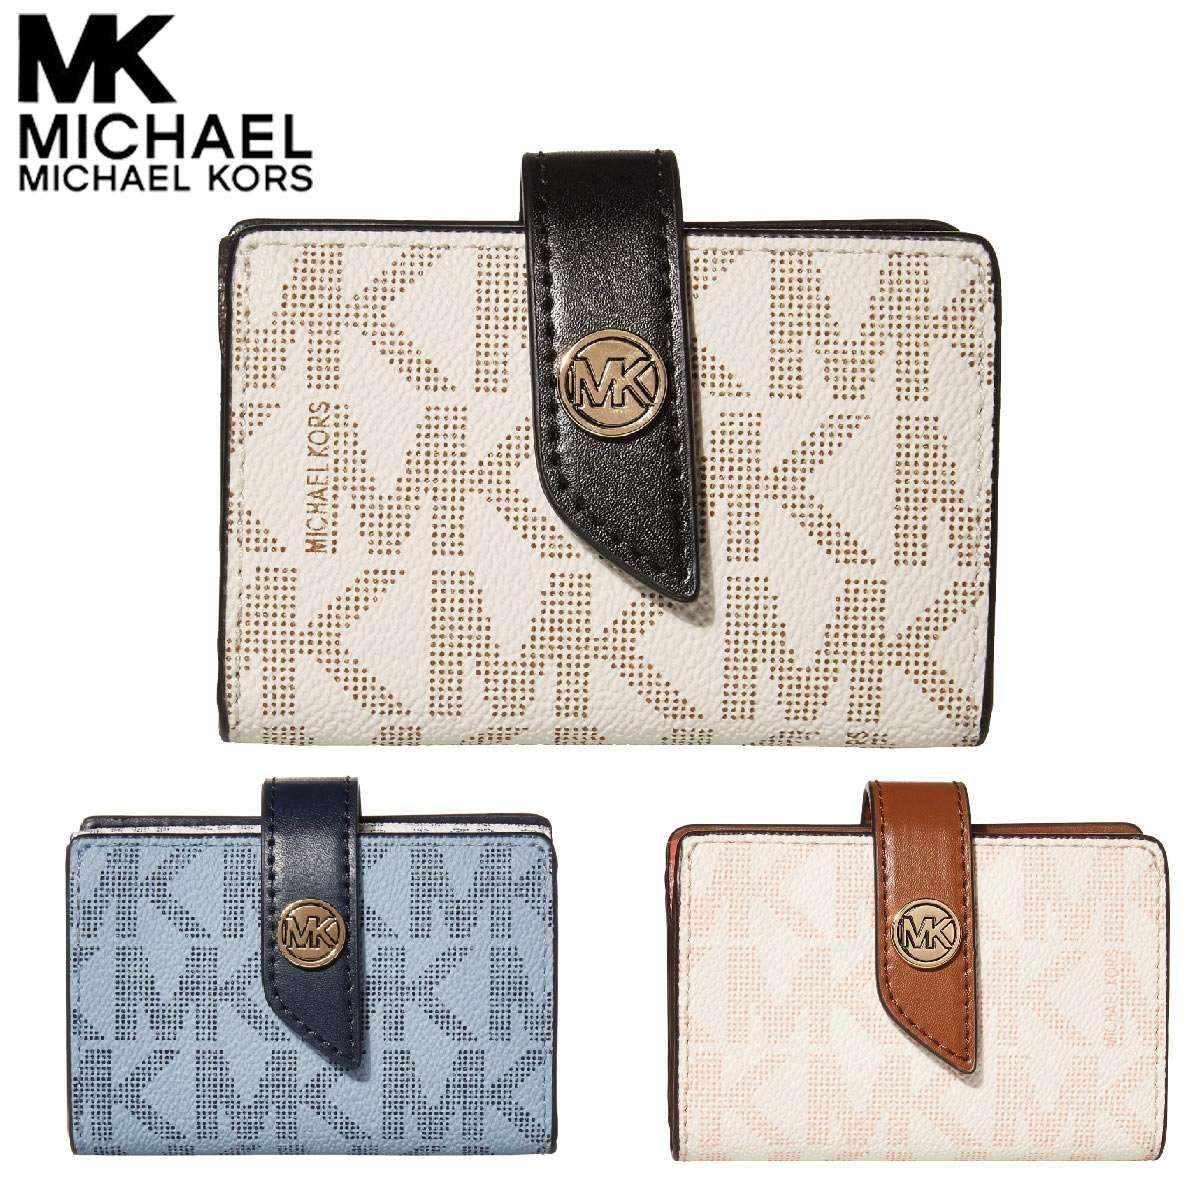 マイケルコース 財布 二つ折り 折財布 折り財布 ミニ財布 小銭入れ レディース ブランド Michael Kors